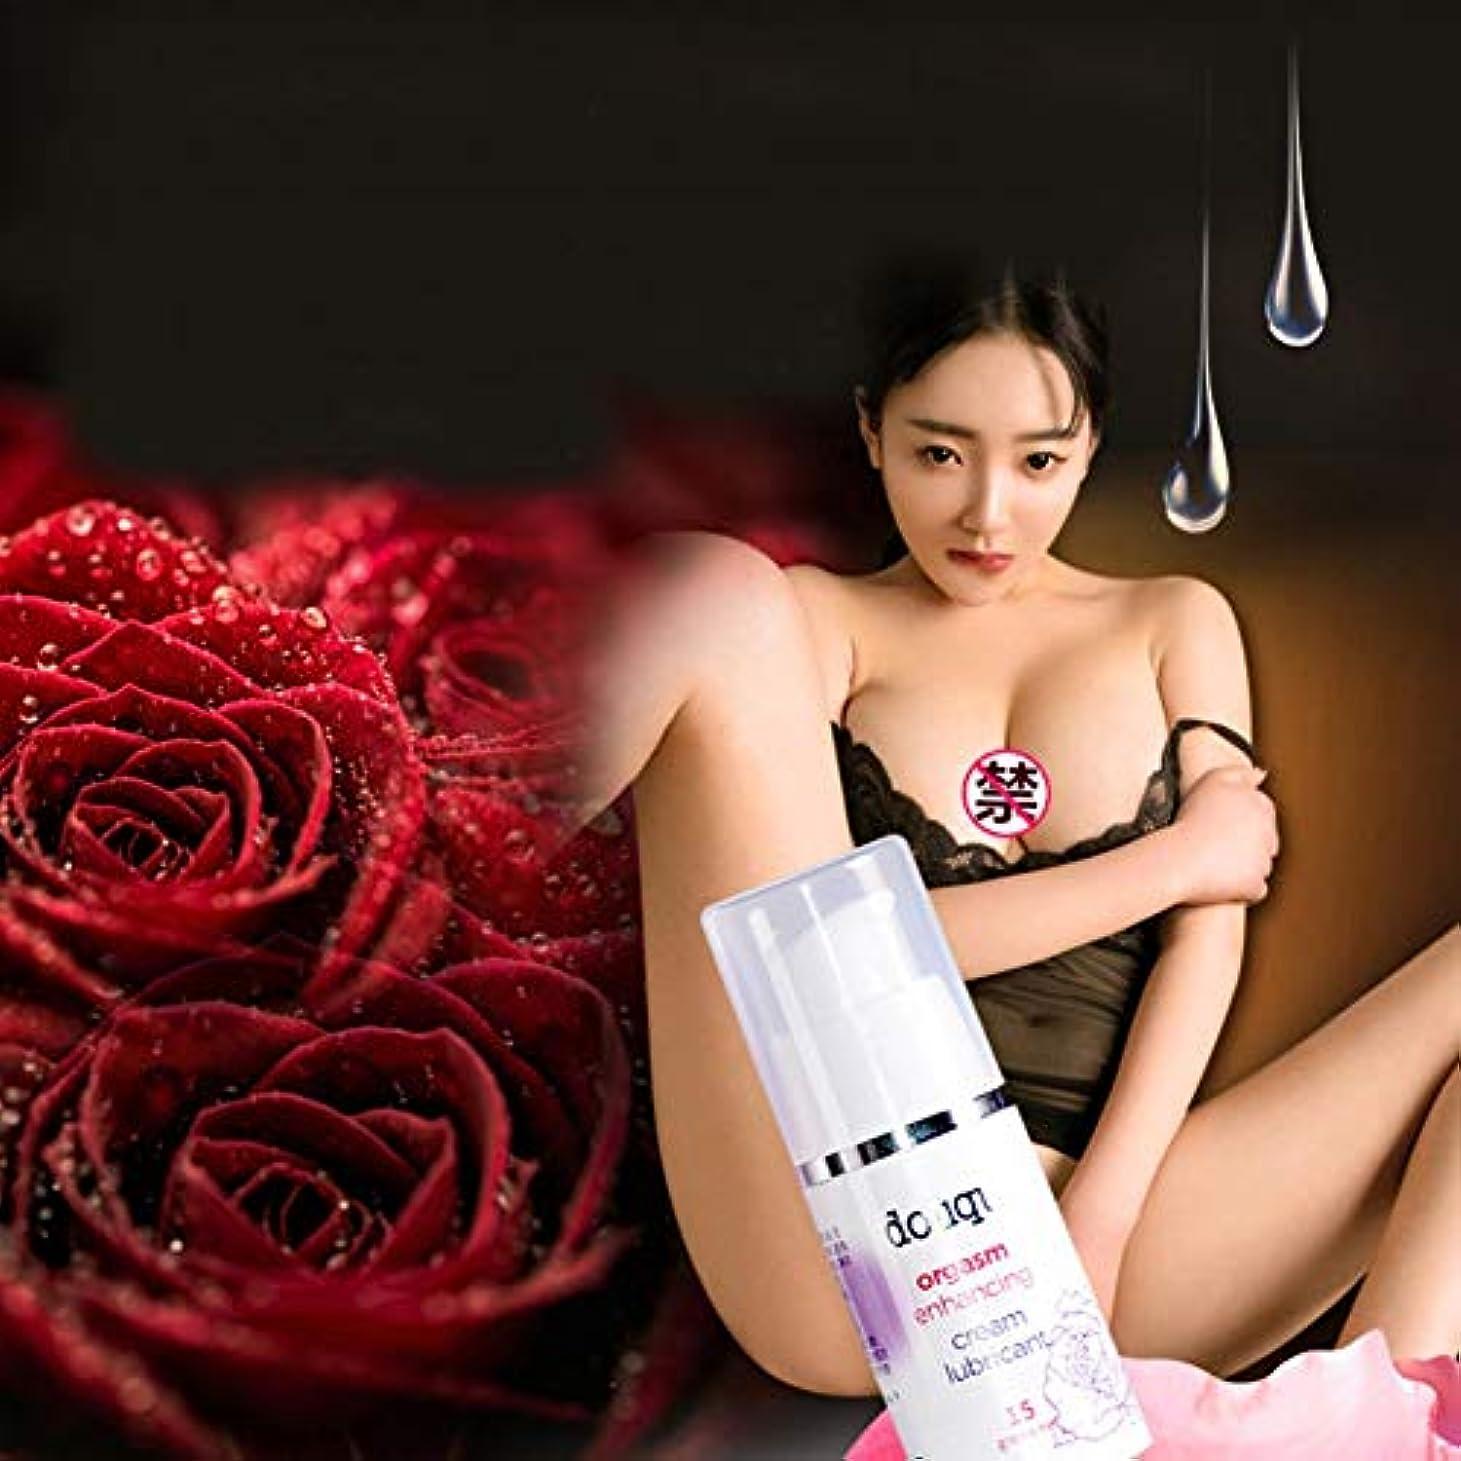 魅力ダブル衝撃Balai 女性のための性的オーガズム強化潤滑剤 クリーム性的快感強化製品